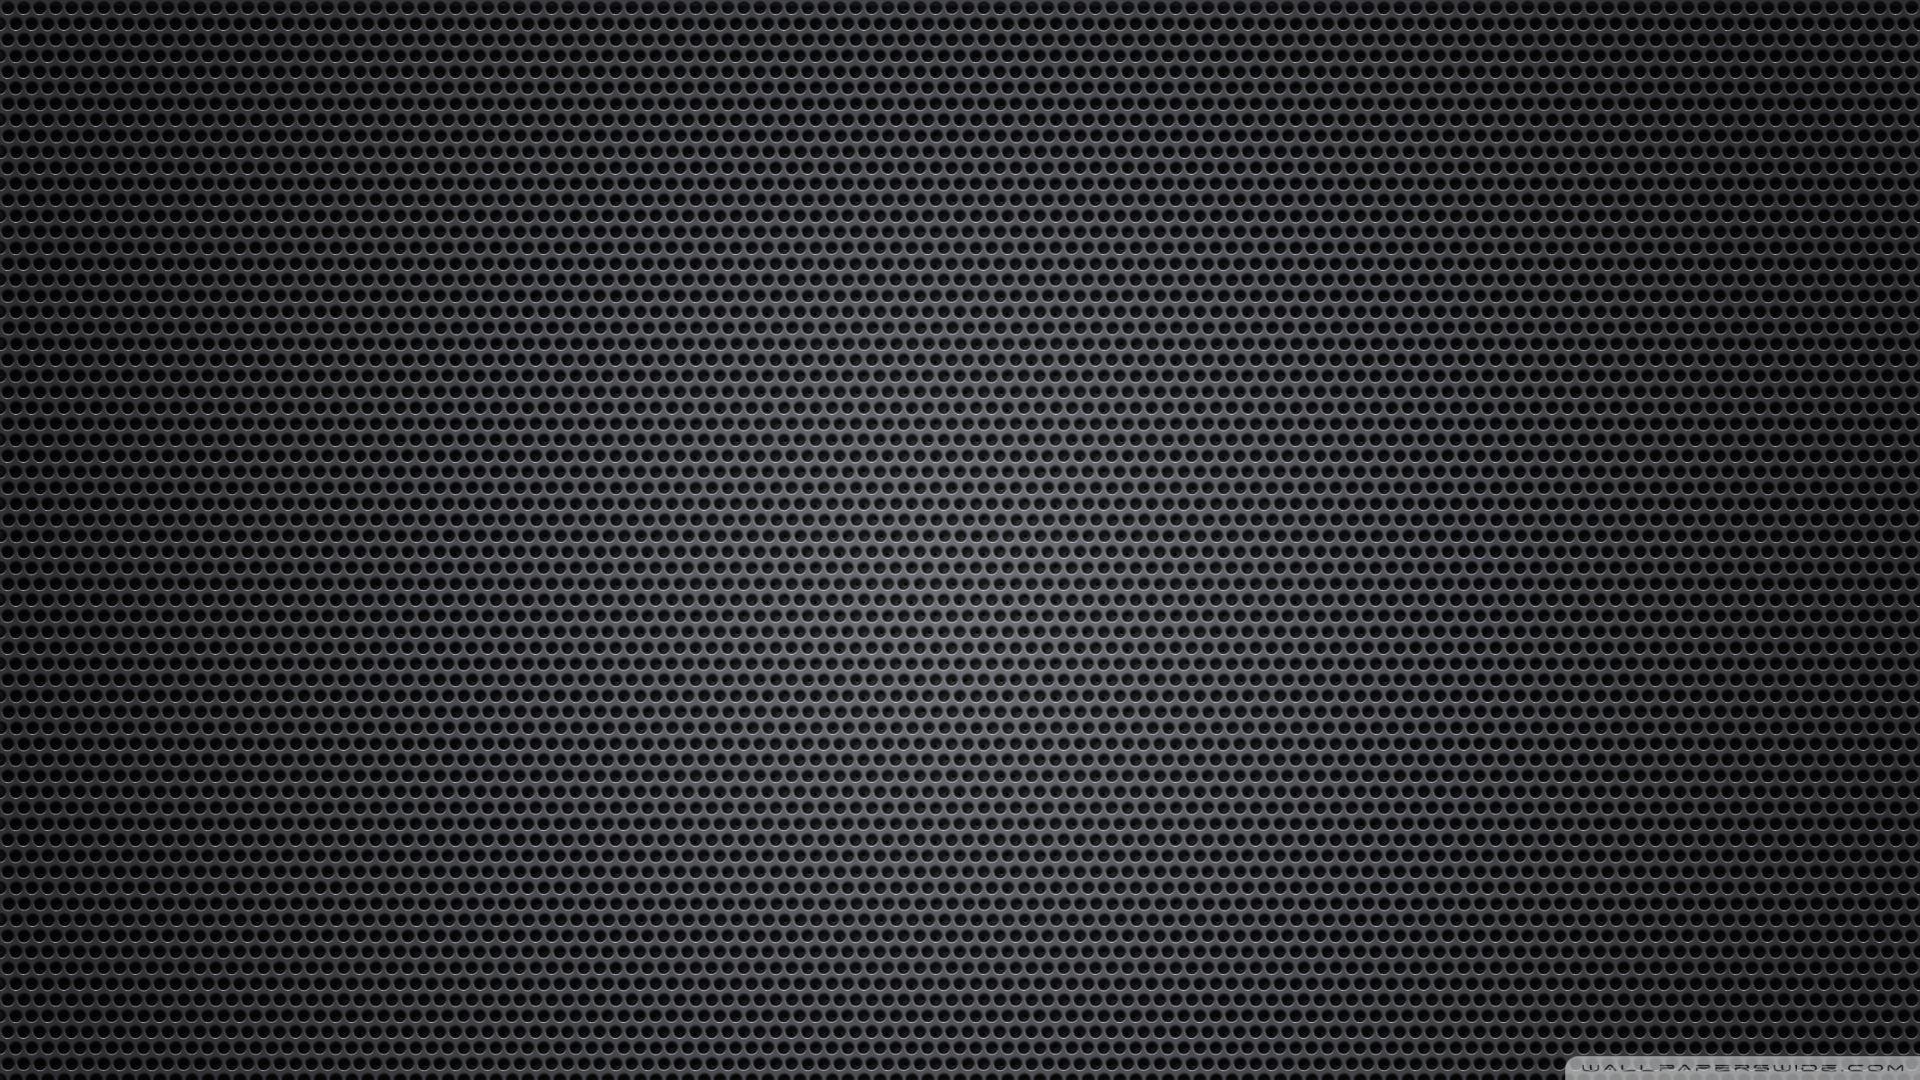 HD Metal Wallpapers Metallic Backgrounds For Desktop Download 1920x1080